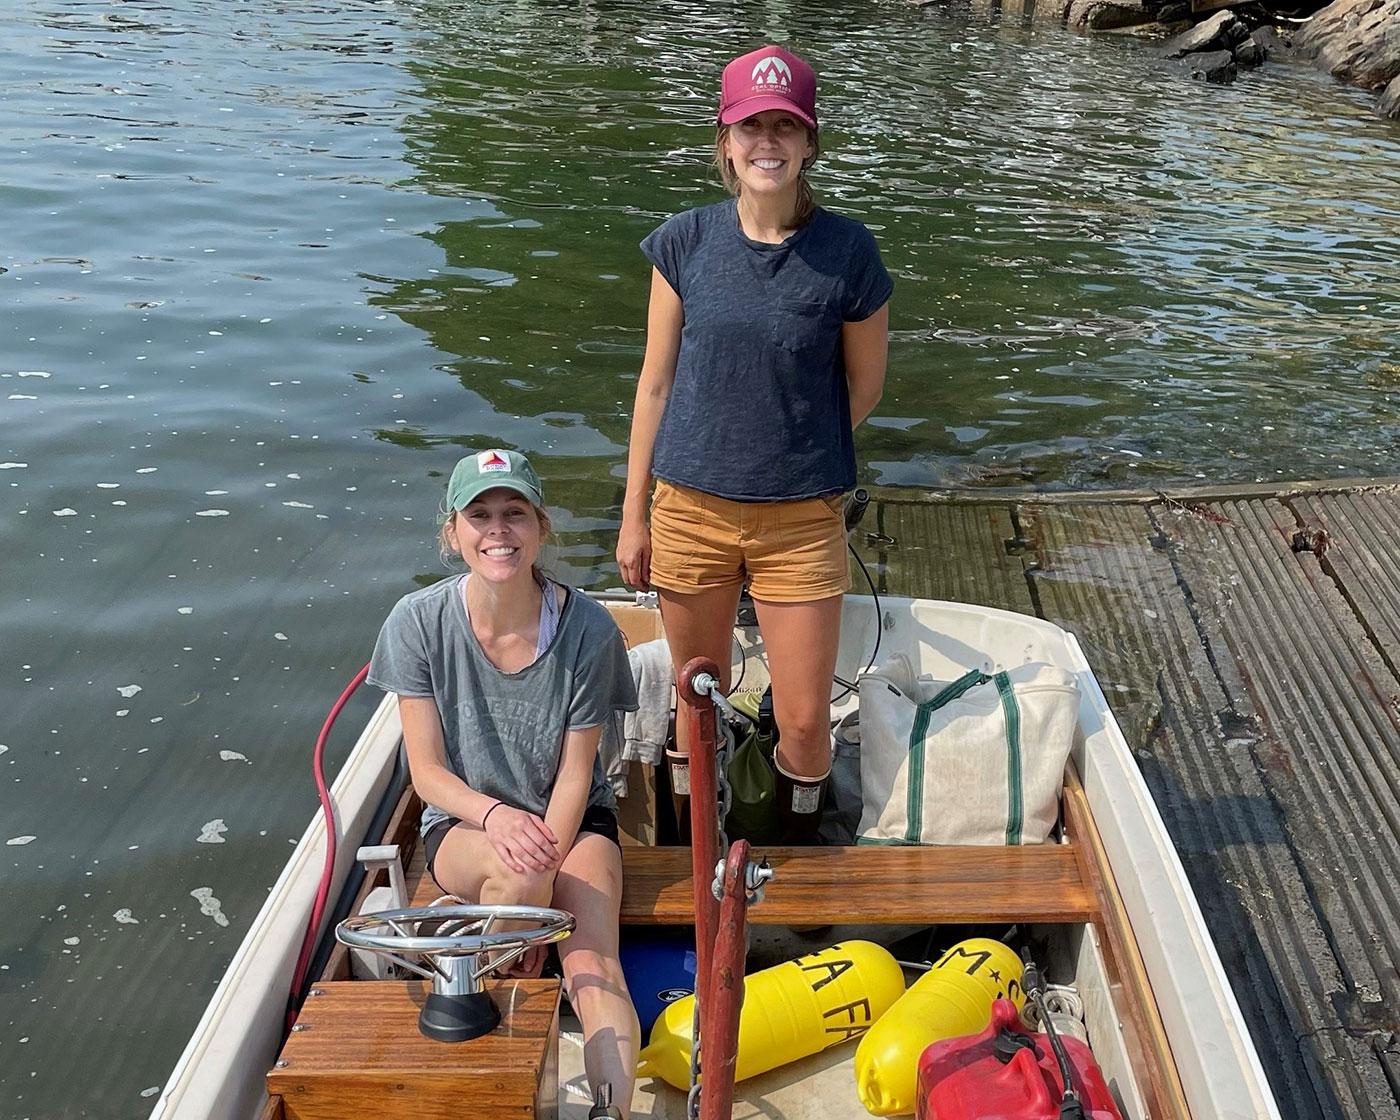 two women in boat